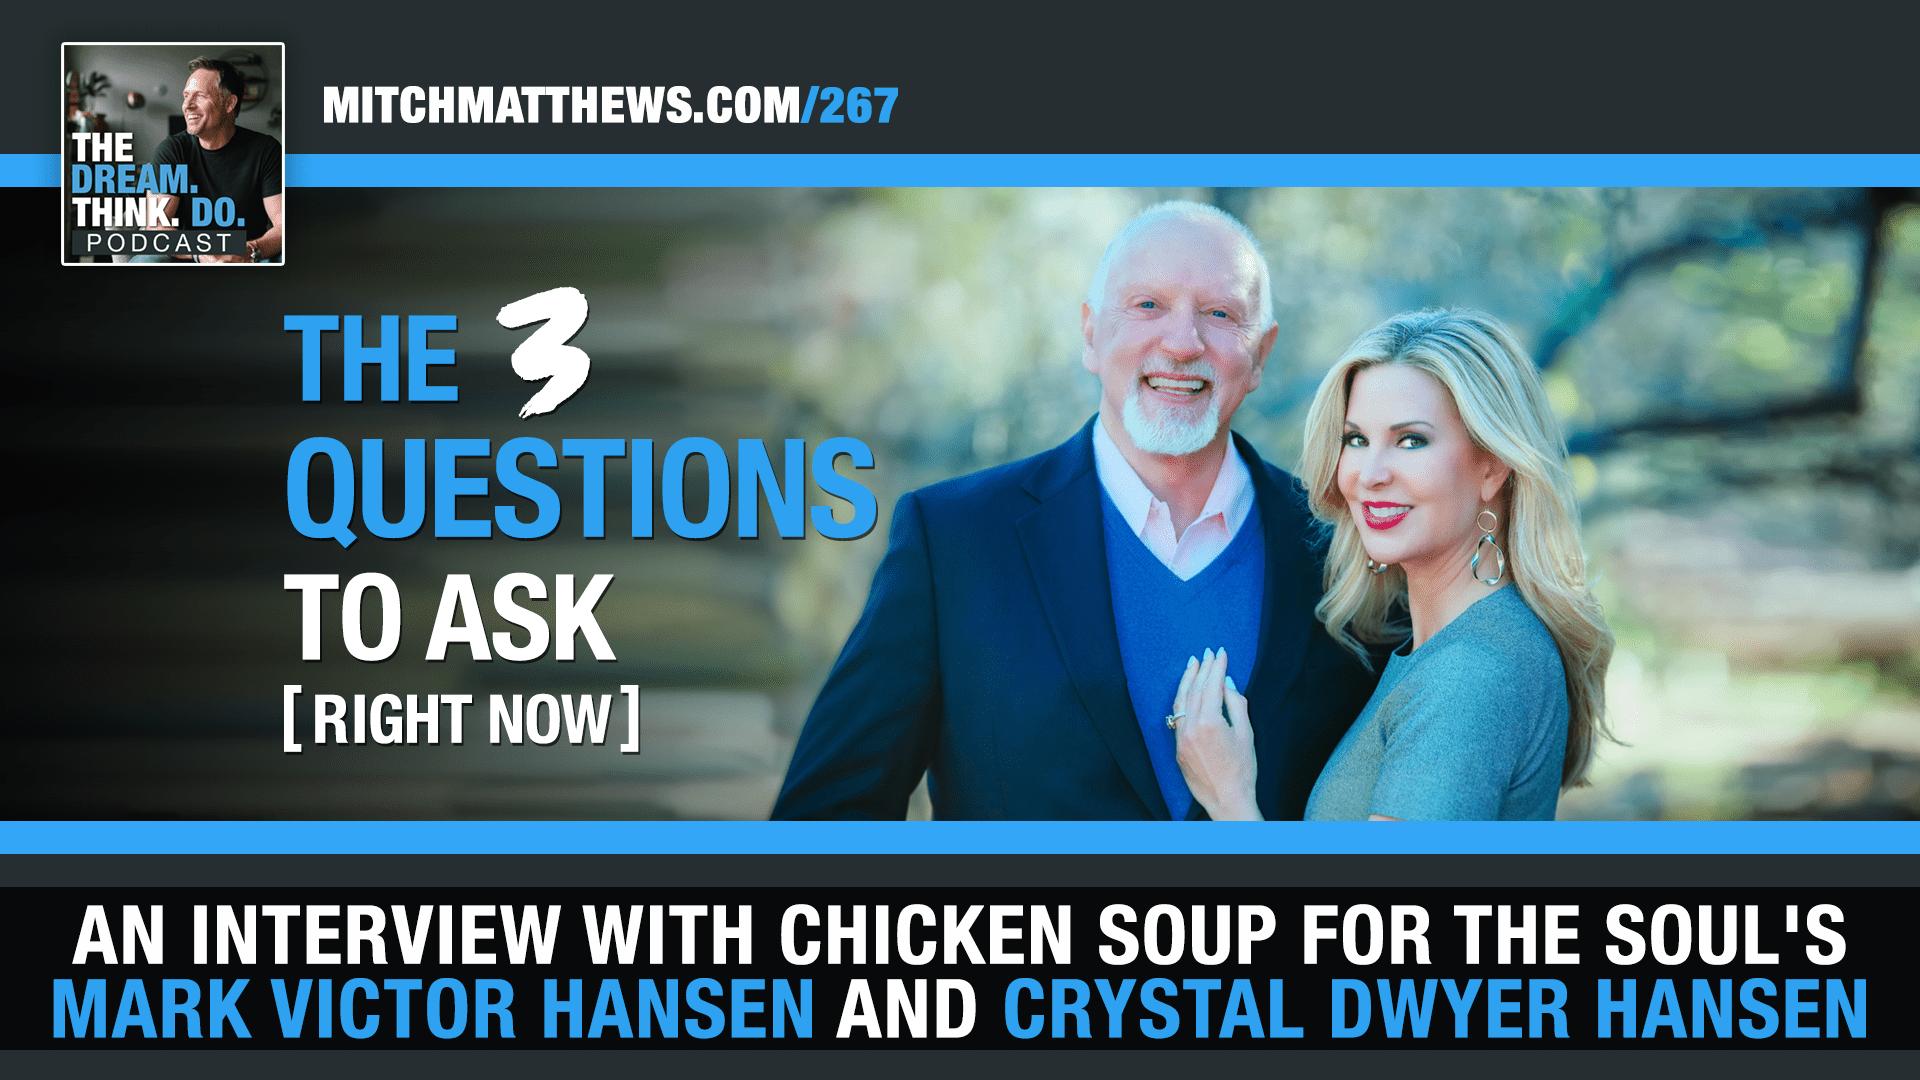 Mark Victor Hansen and Crystal Dwyer Hansen Interview with Mitch Matthews